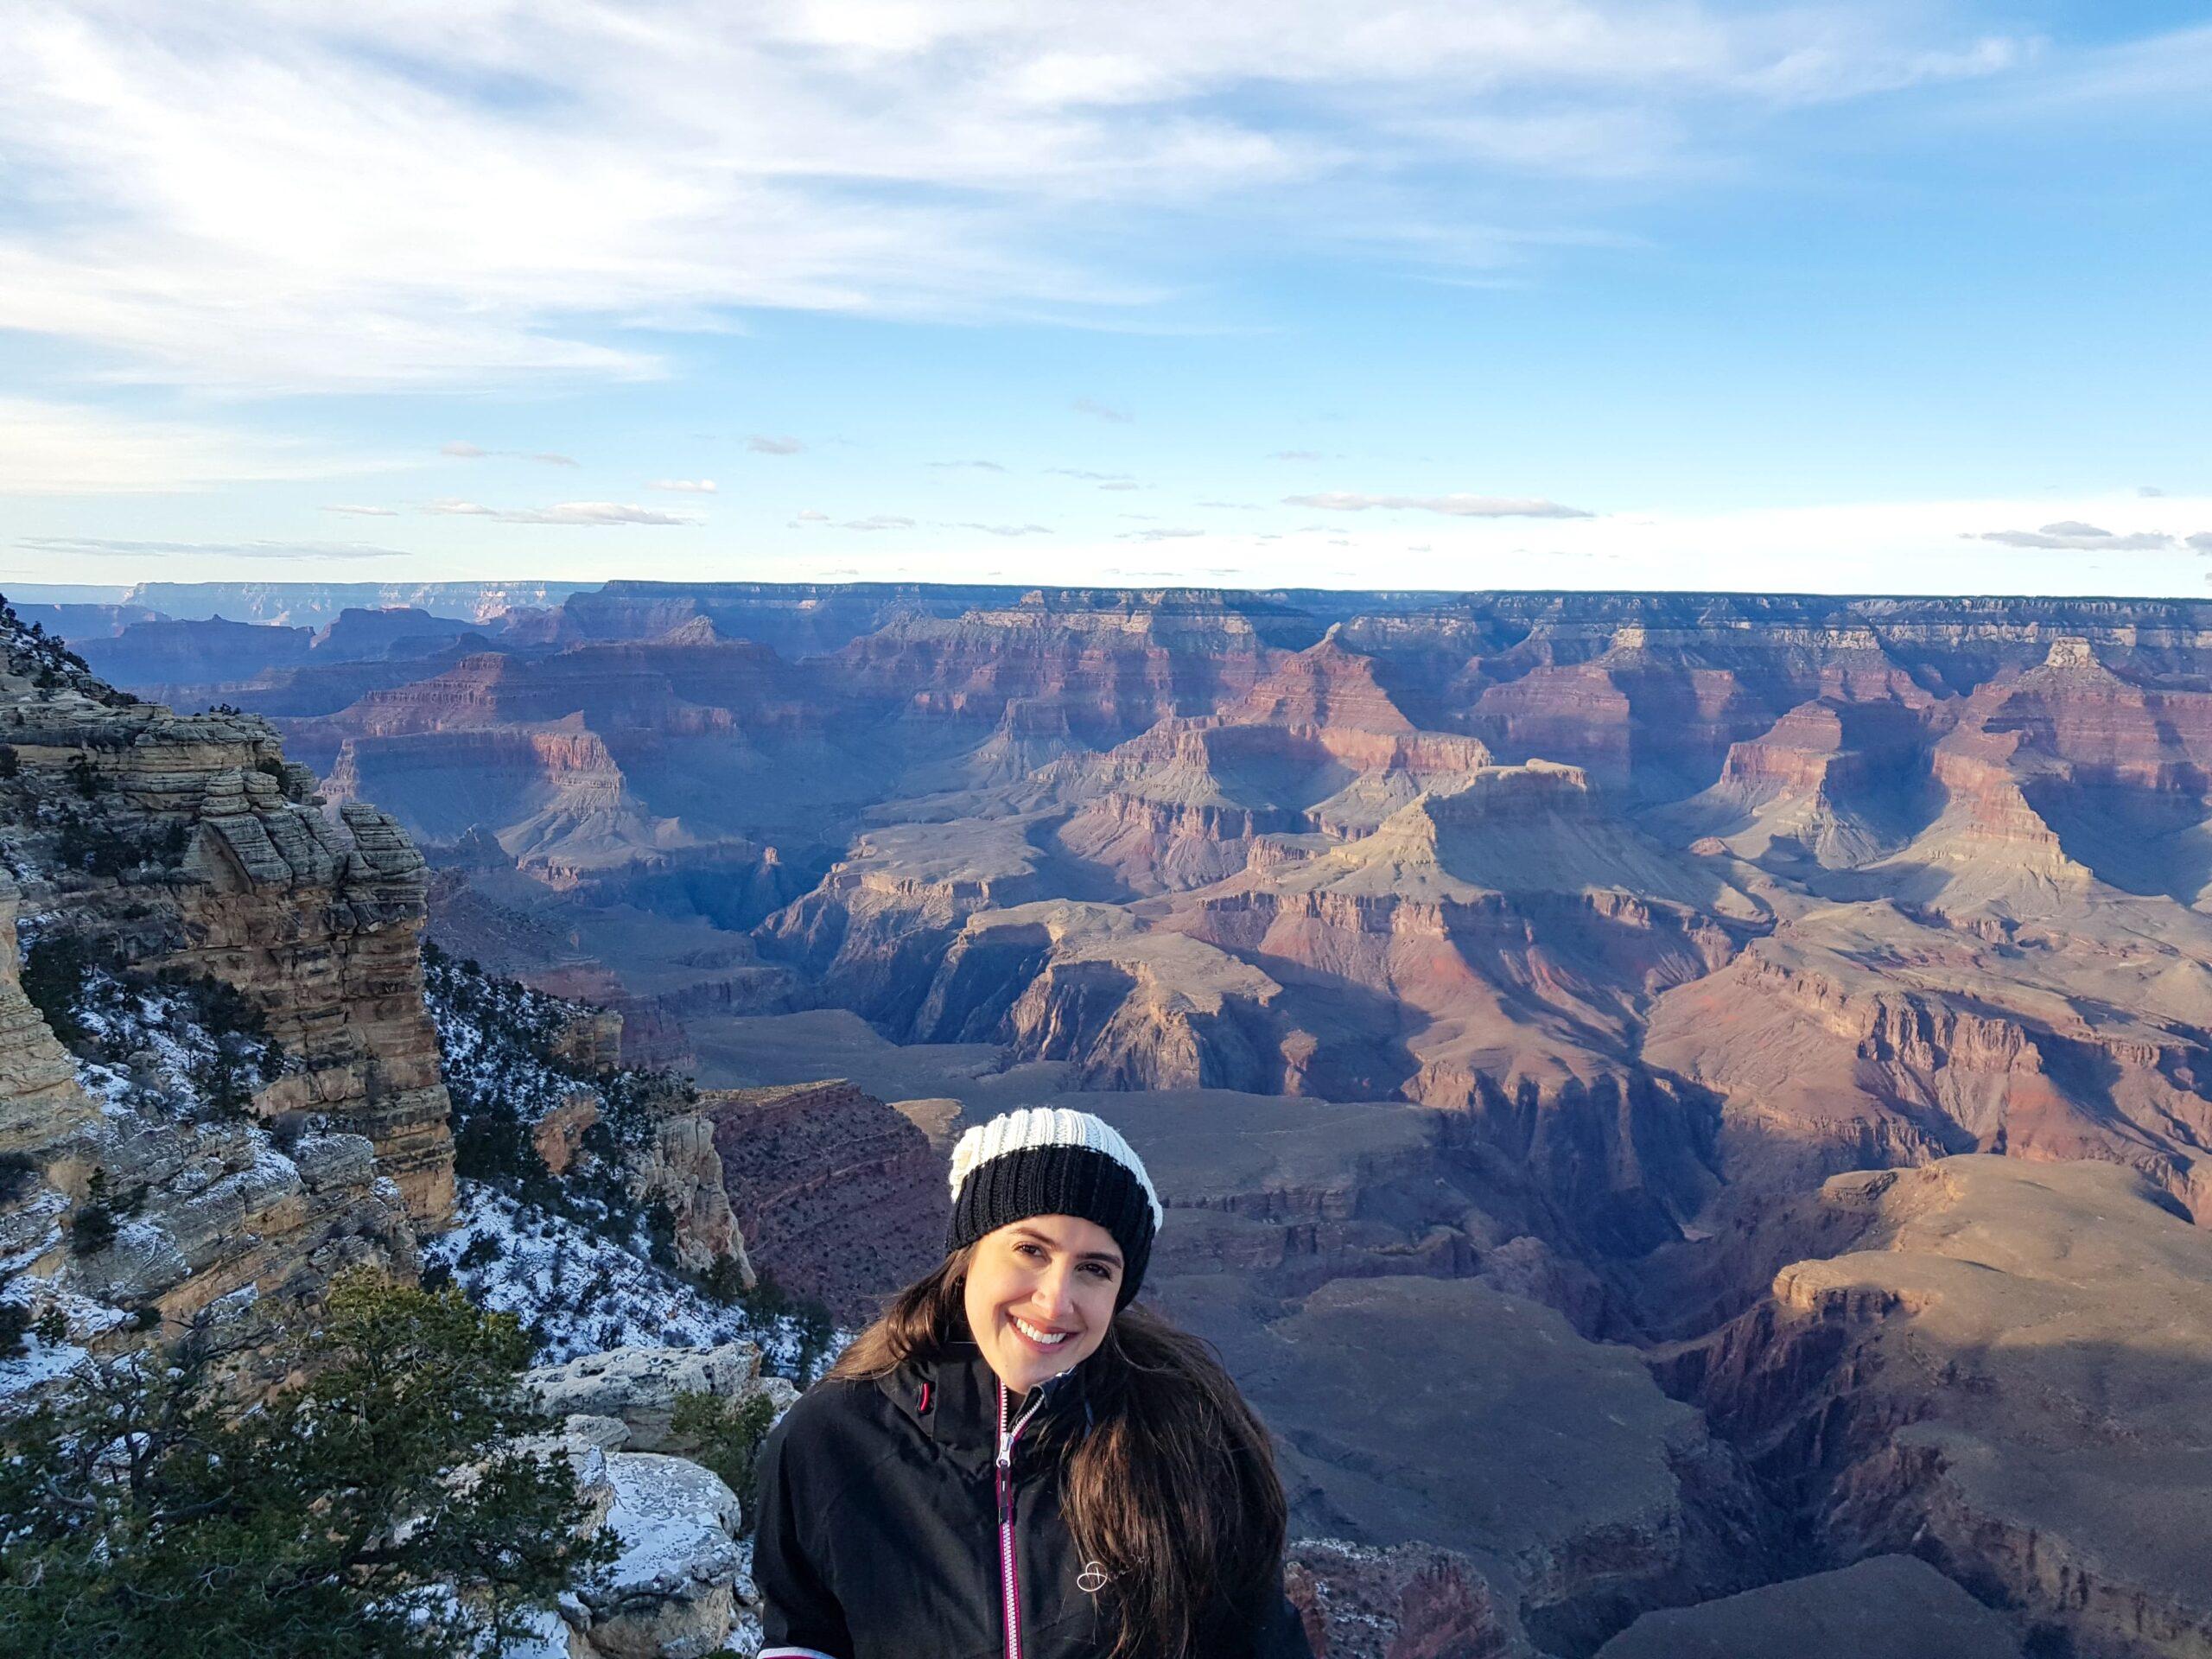 Mulher sorrindo e ao fundo ampla paisagem do Grand Canyon